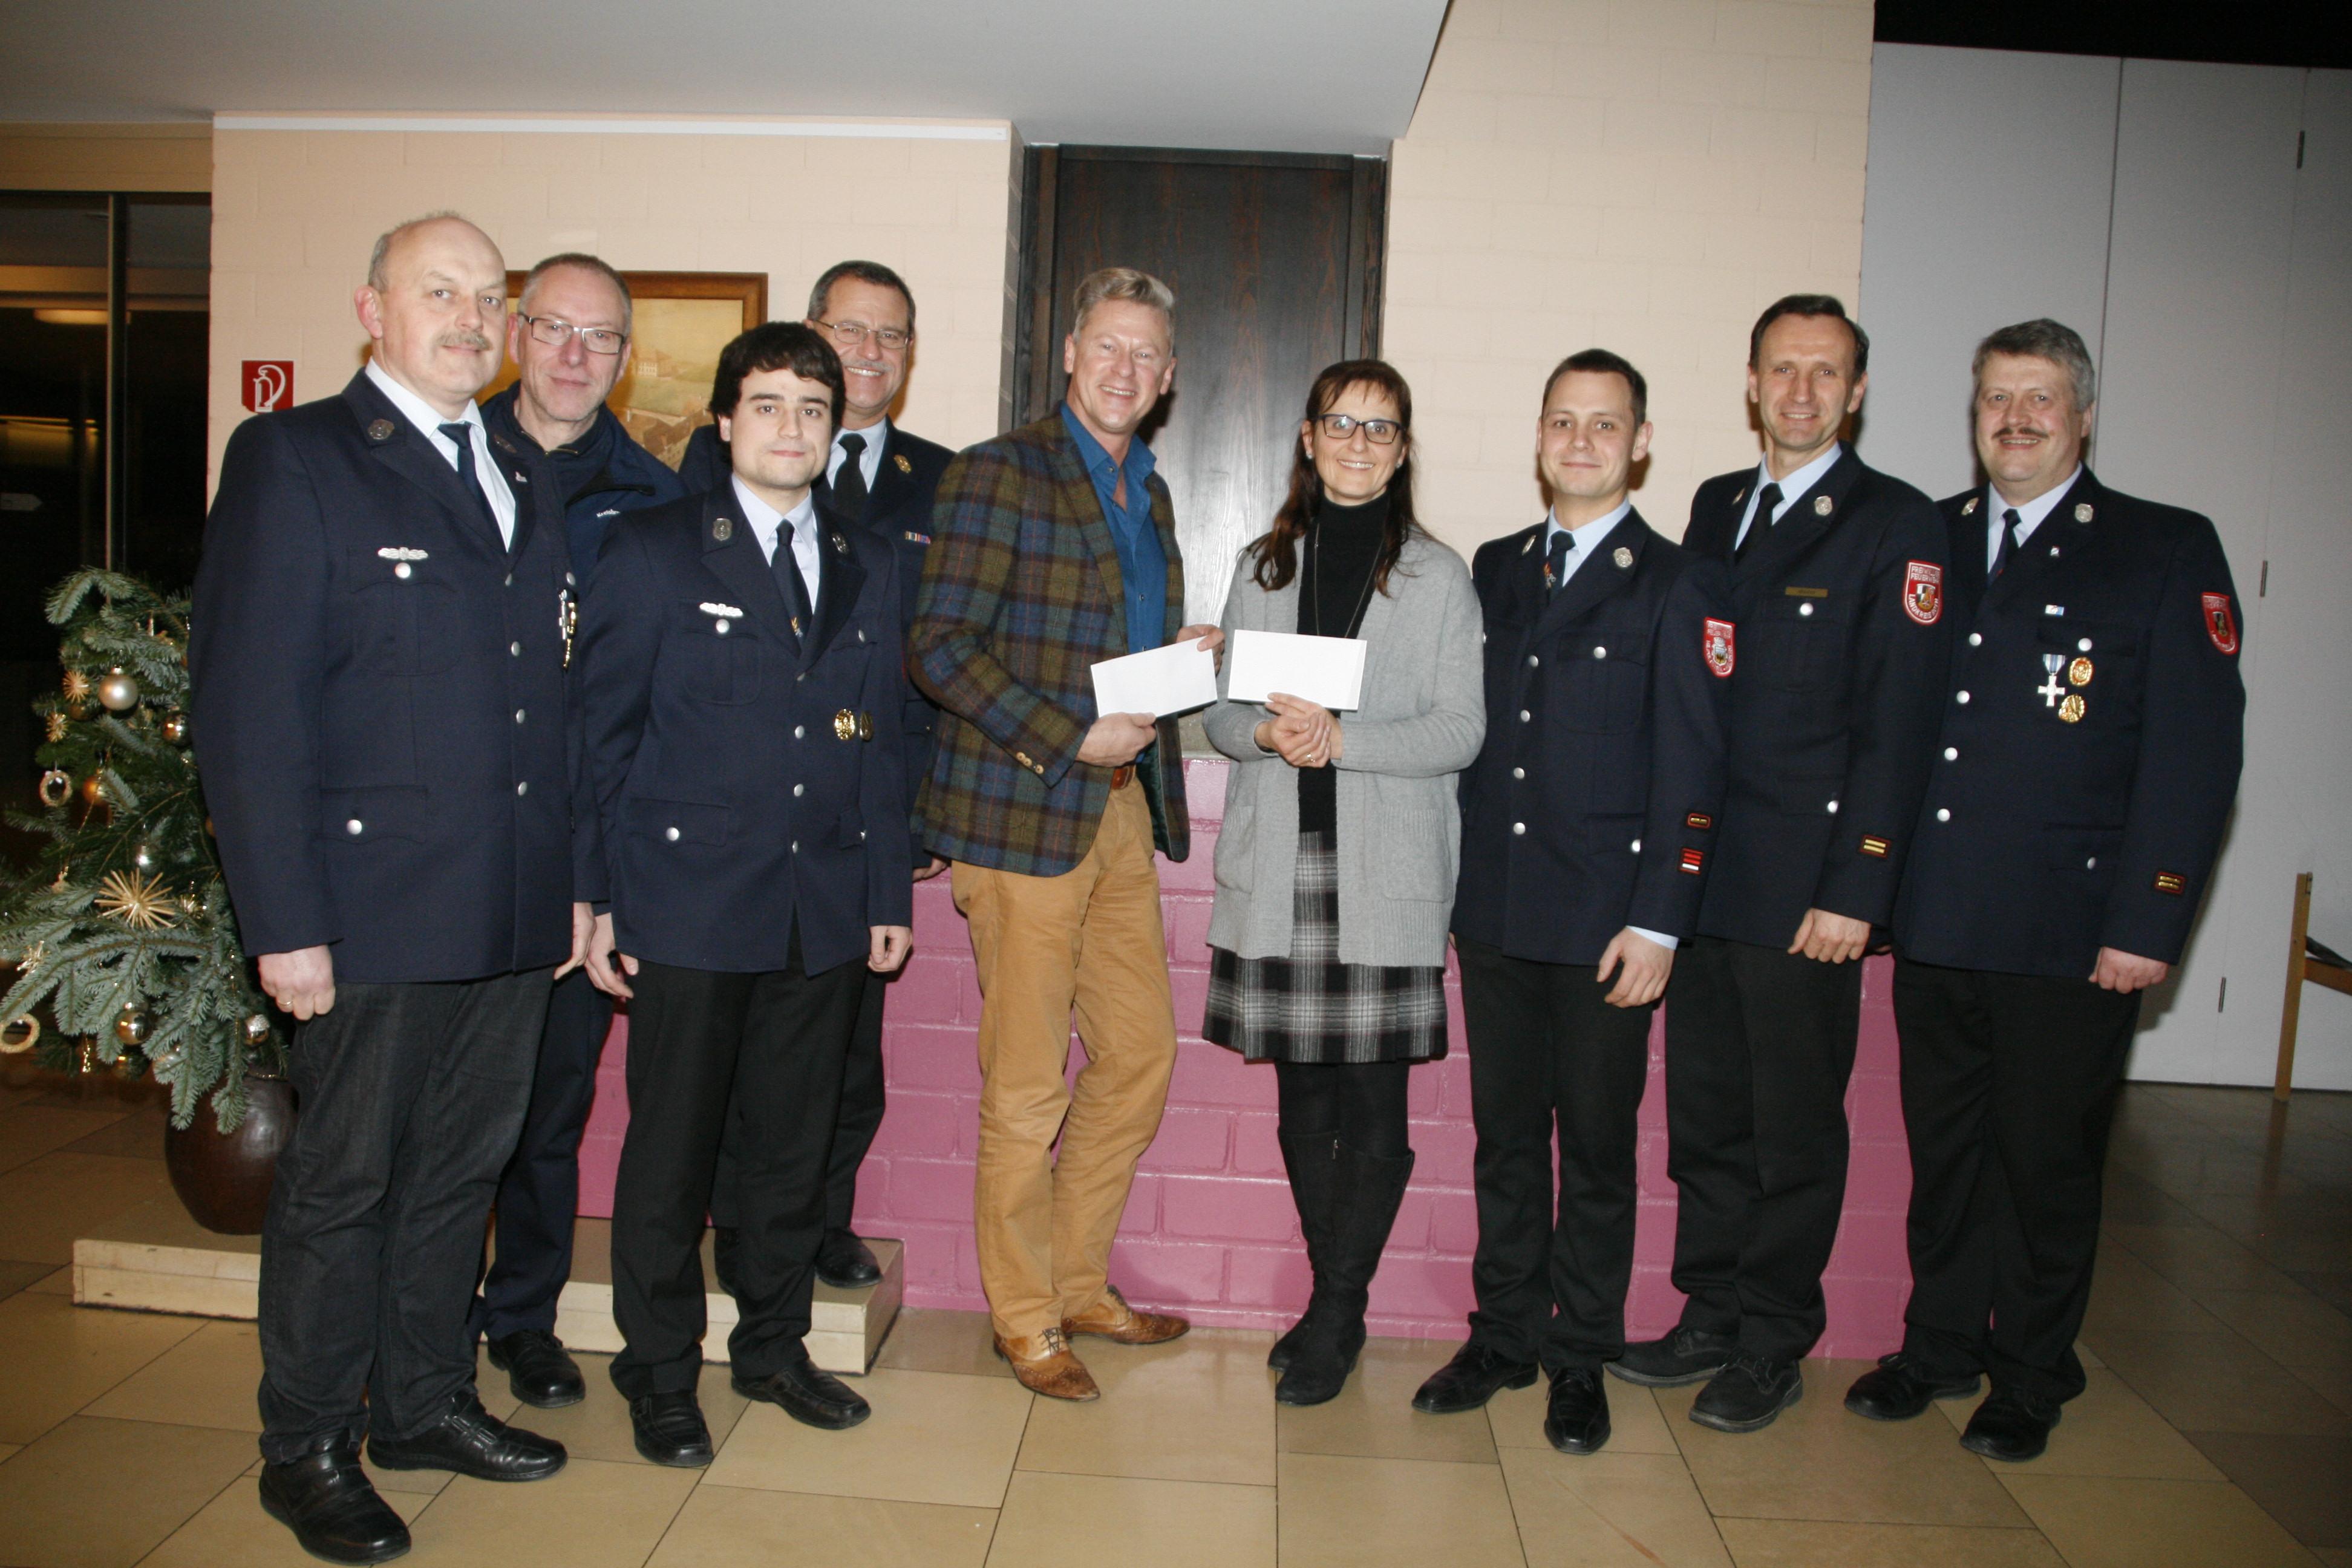 Spendenübergabe der Feuerwehren an Auhof und Zell 2015-1